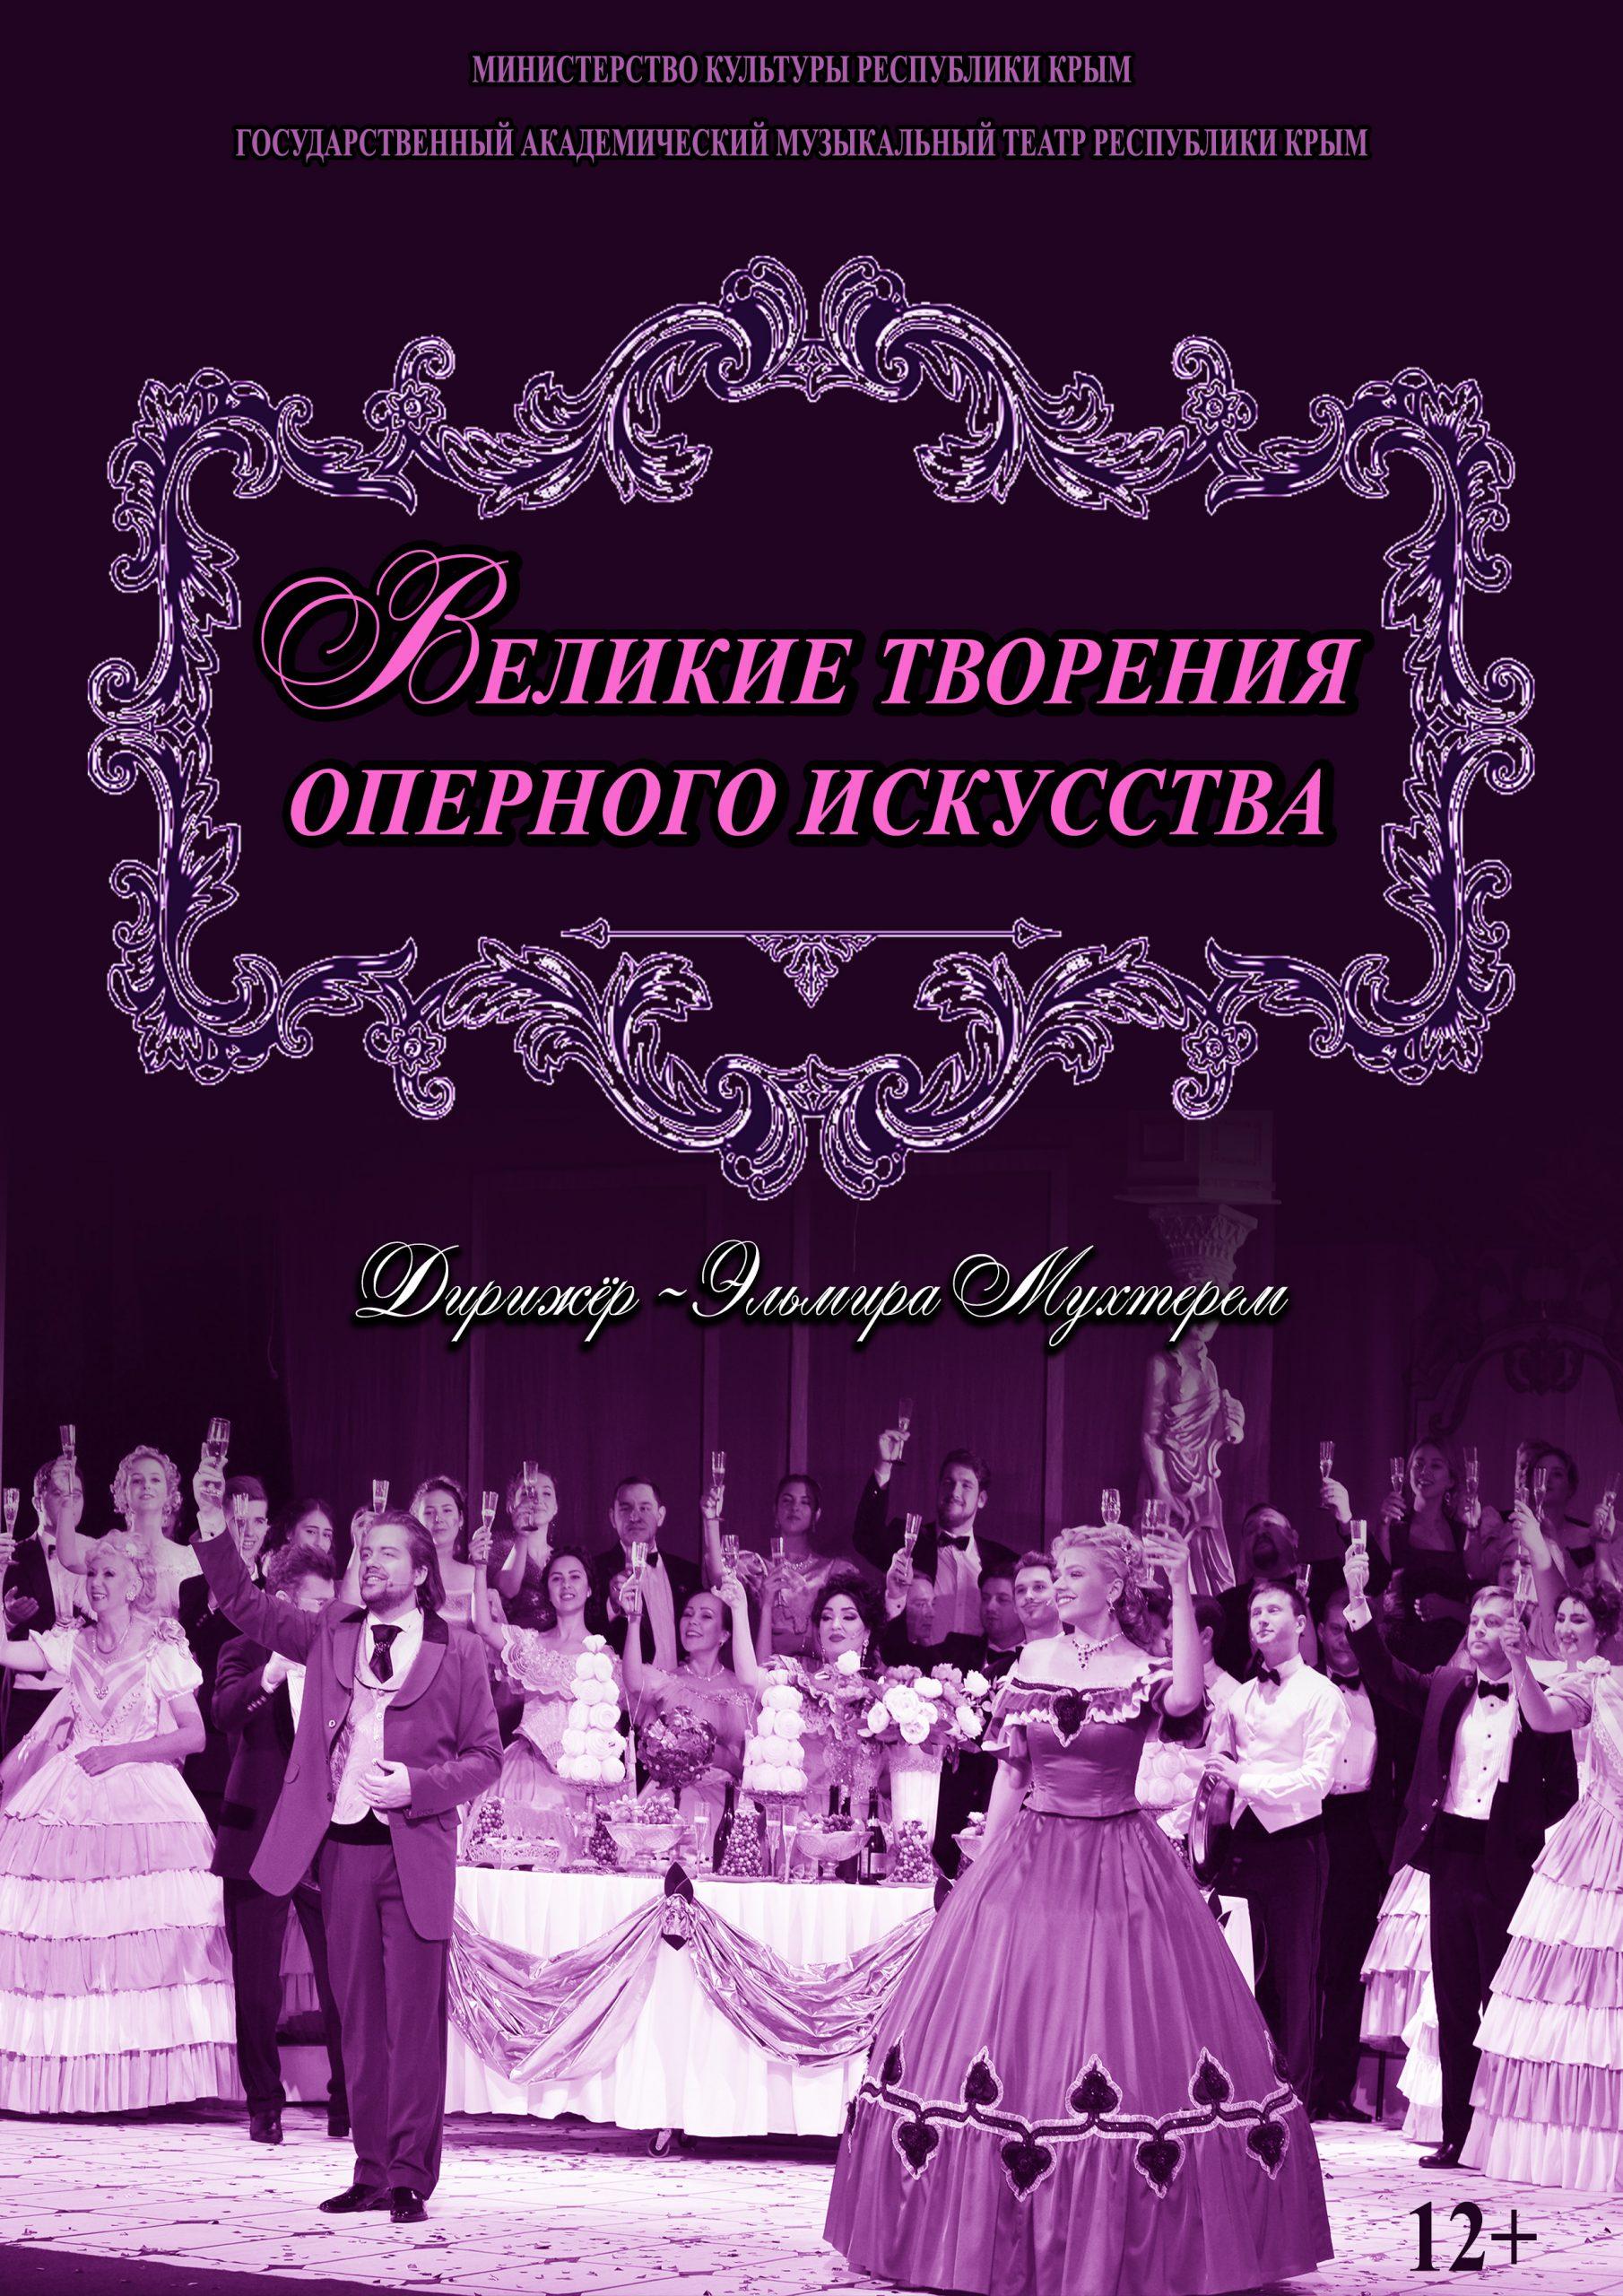 великие творения оперного искусства